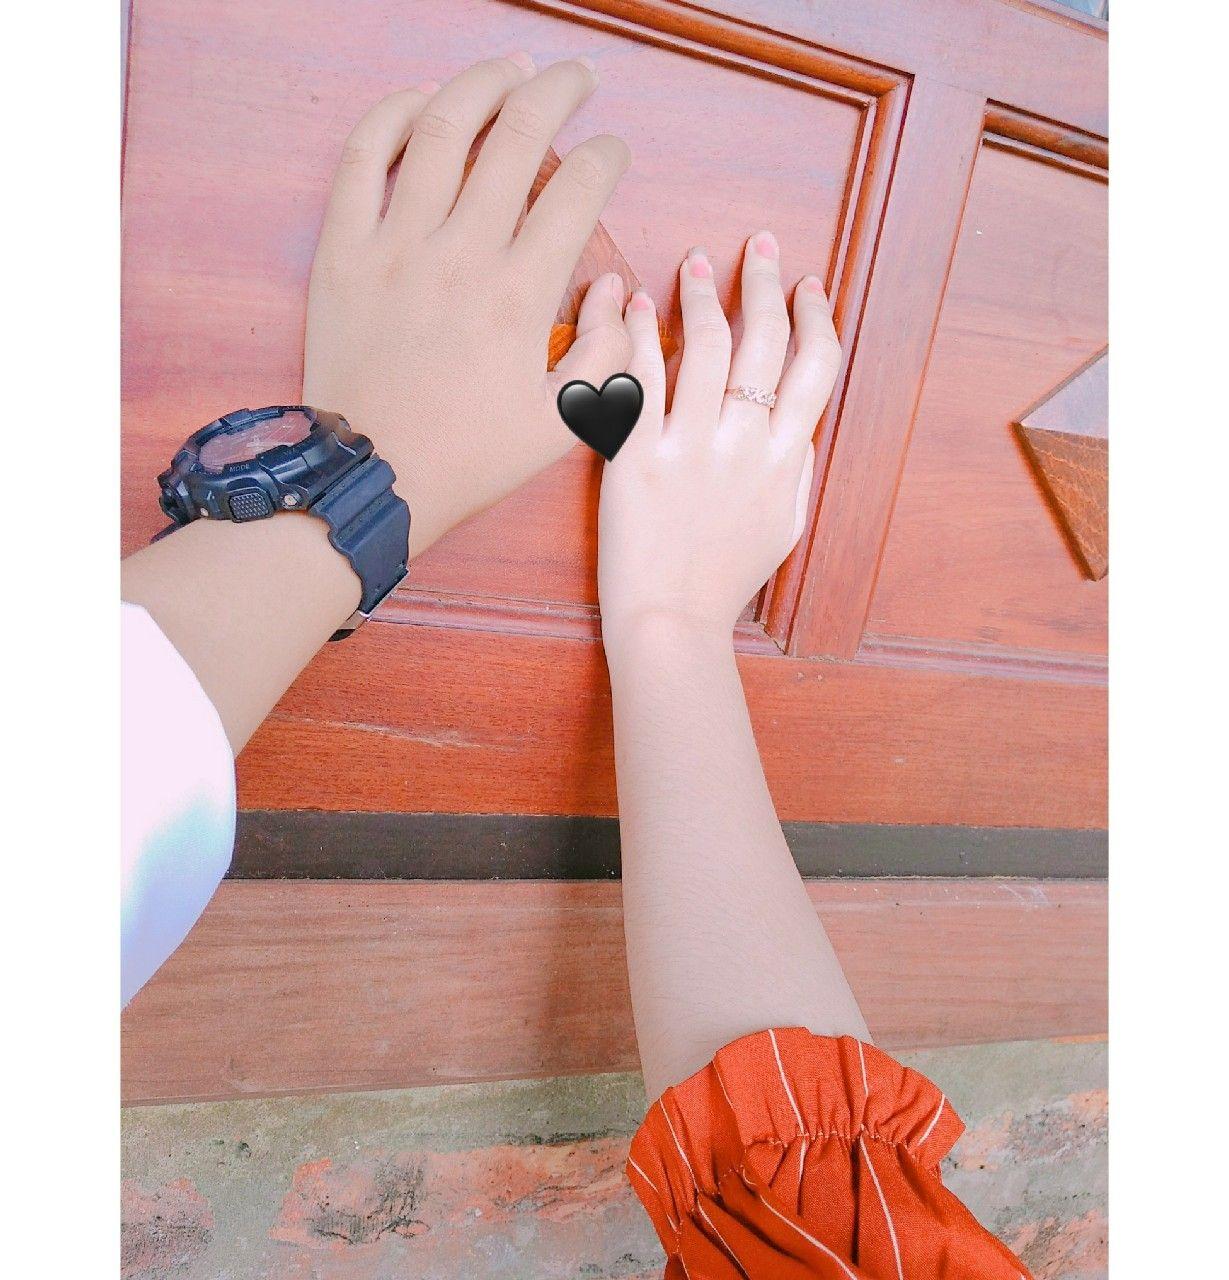 Ảnh đẹp nhất về nắm tay